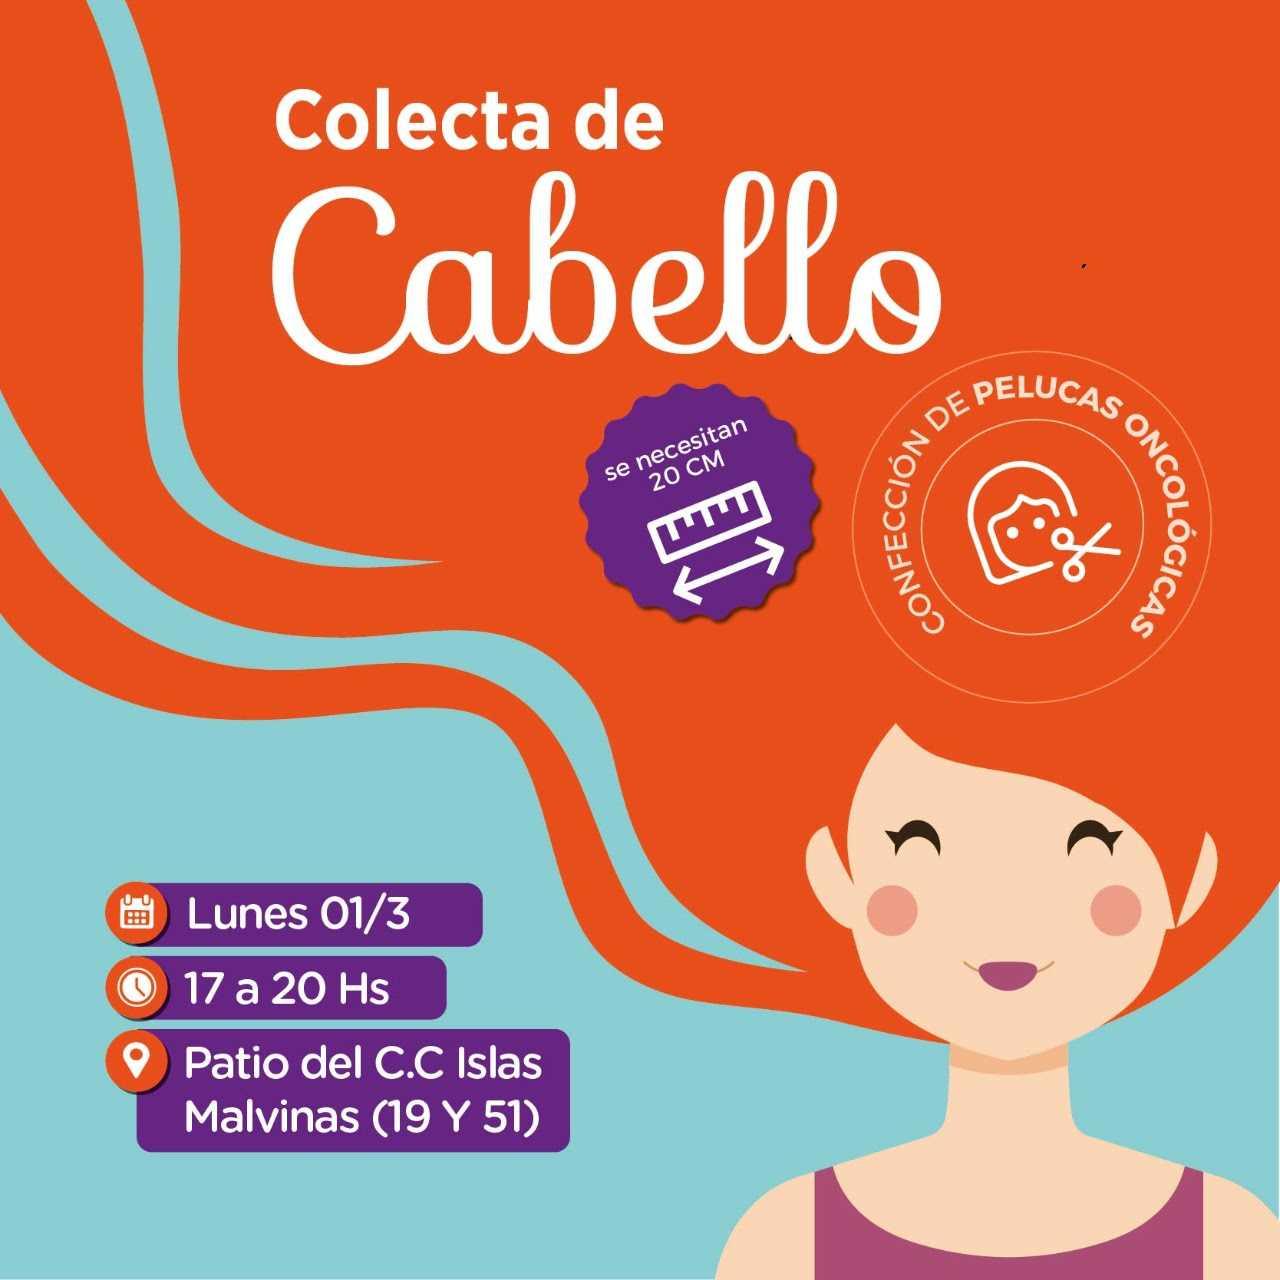 La Plata: Colecta de cabello en Plaza Islas Malvinas para confección de pelucas para pacientes oncológicos